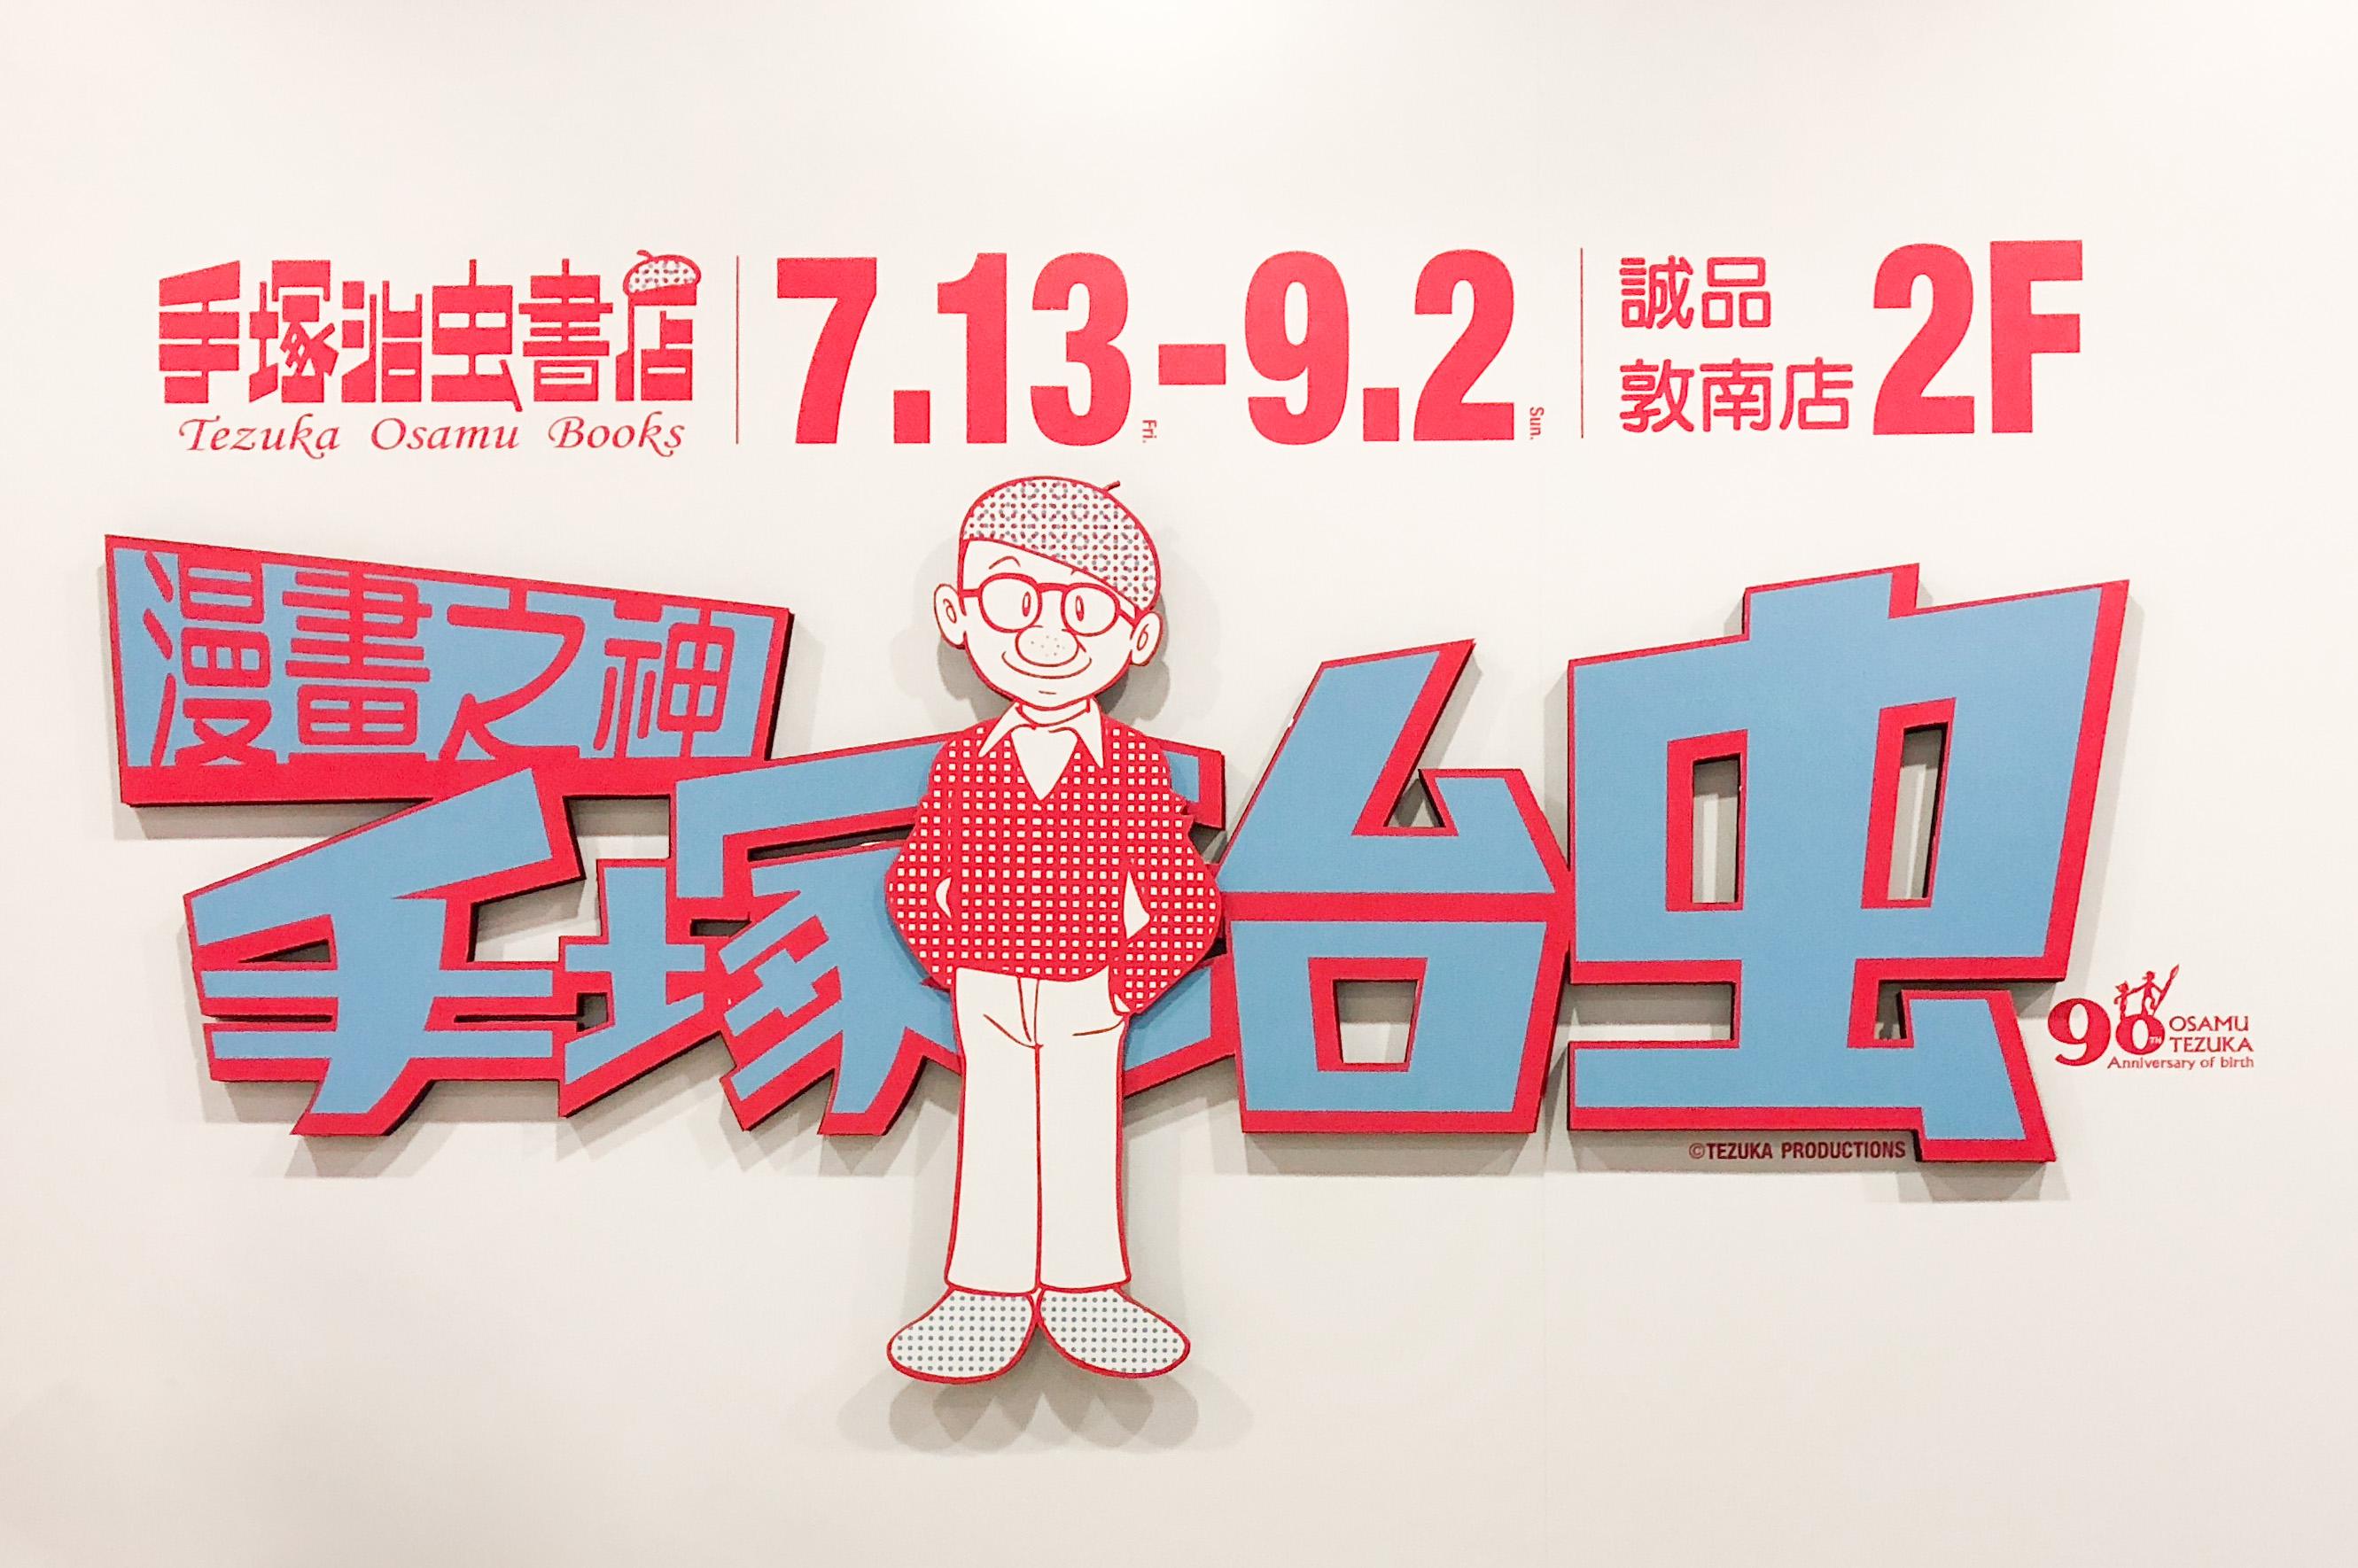 【手塚治虫】限時活動!誠品敦南給你24小時不打烊的原子小金剛與怪醫黑傑克!